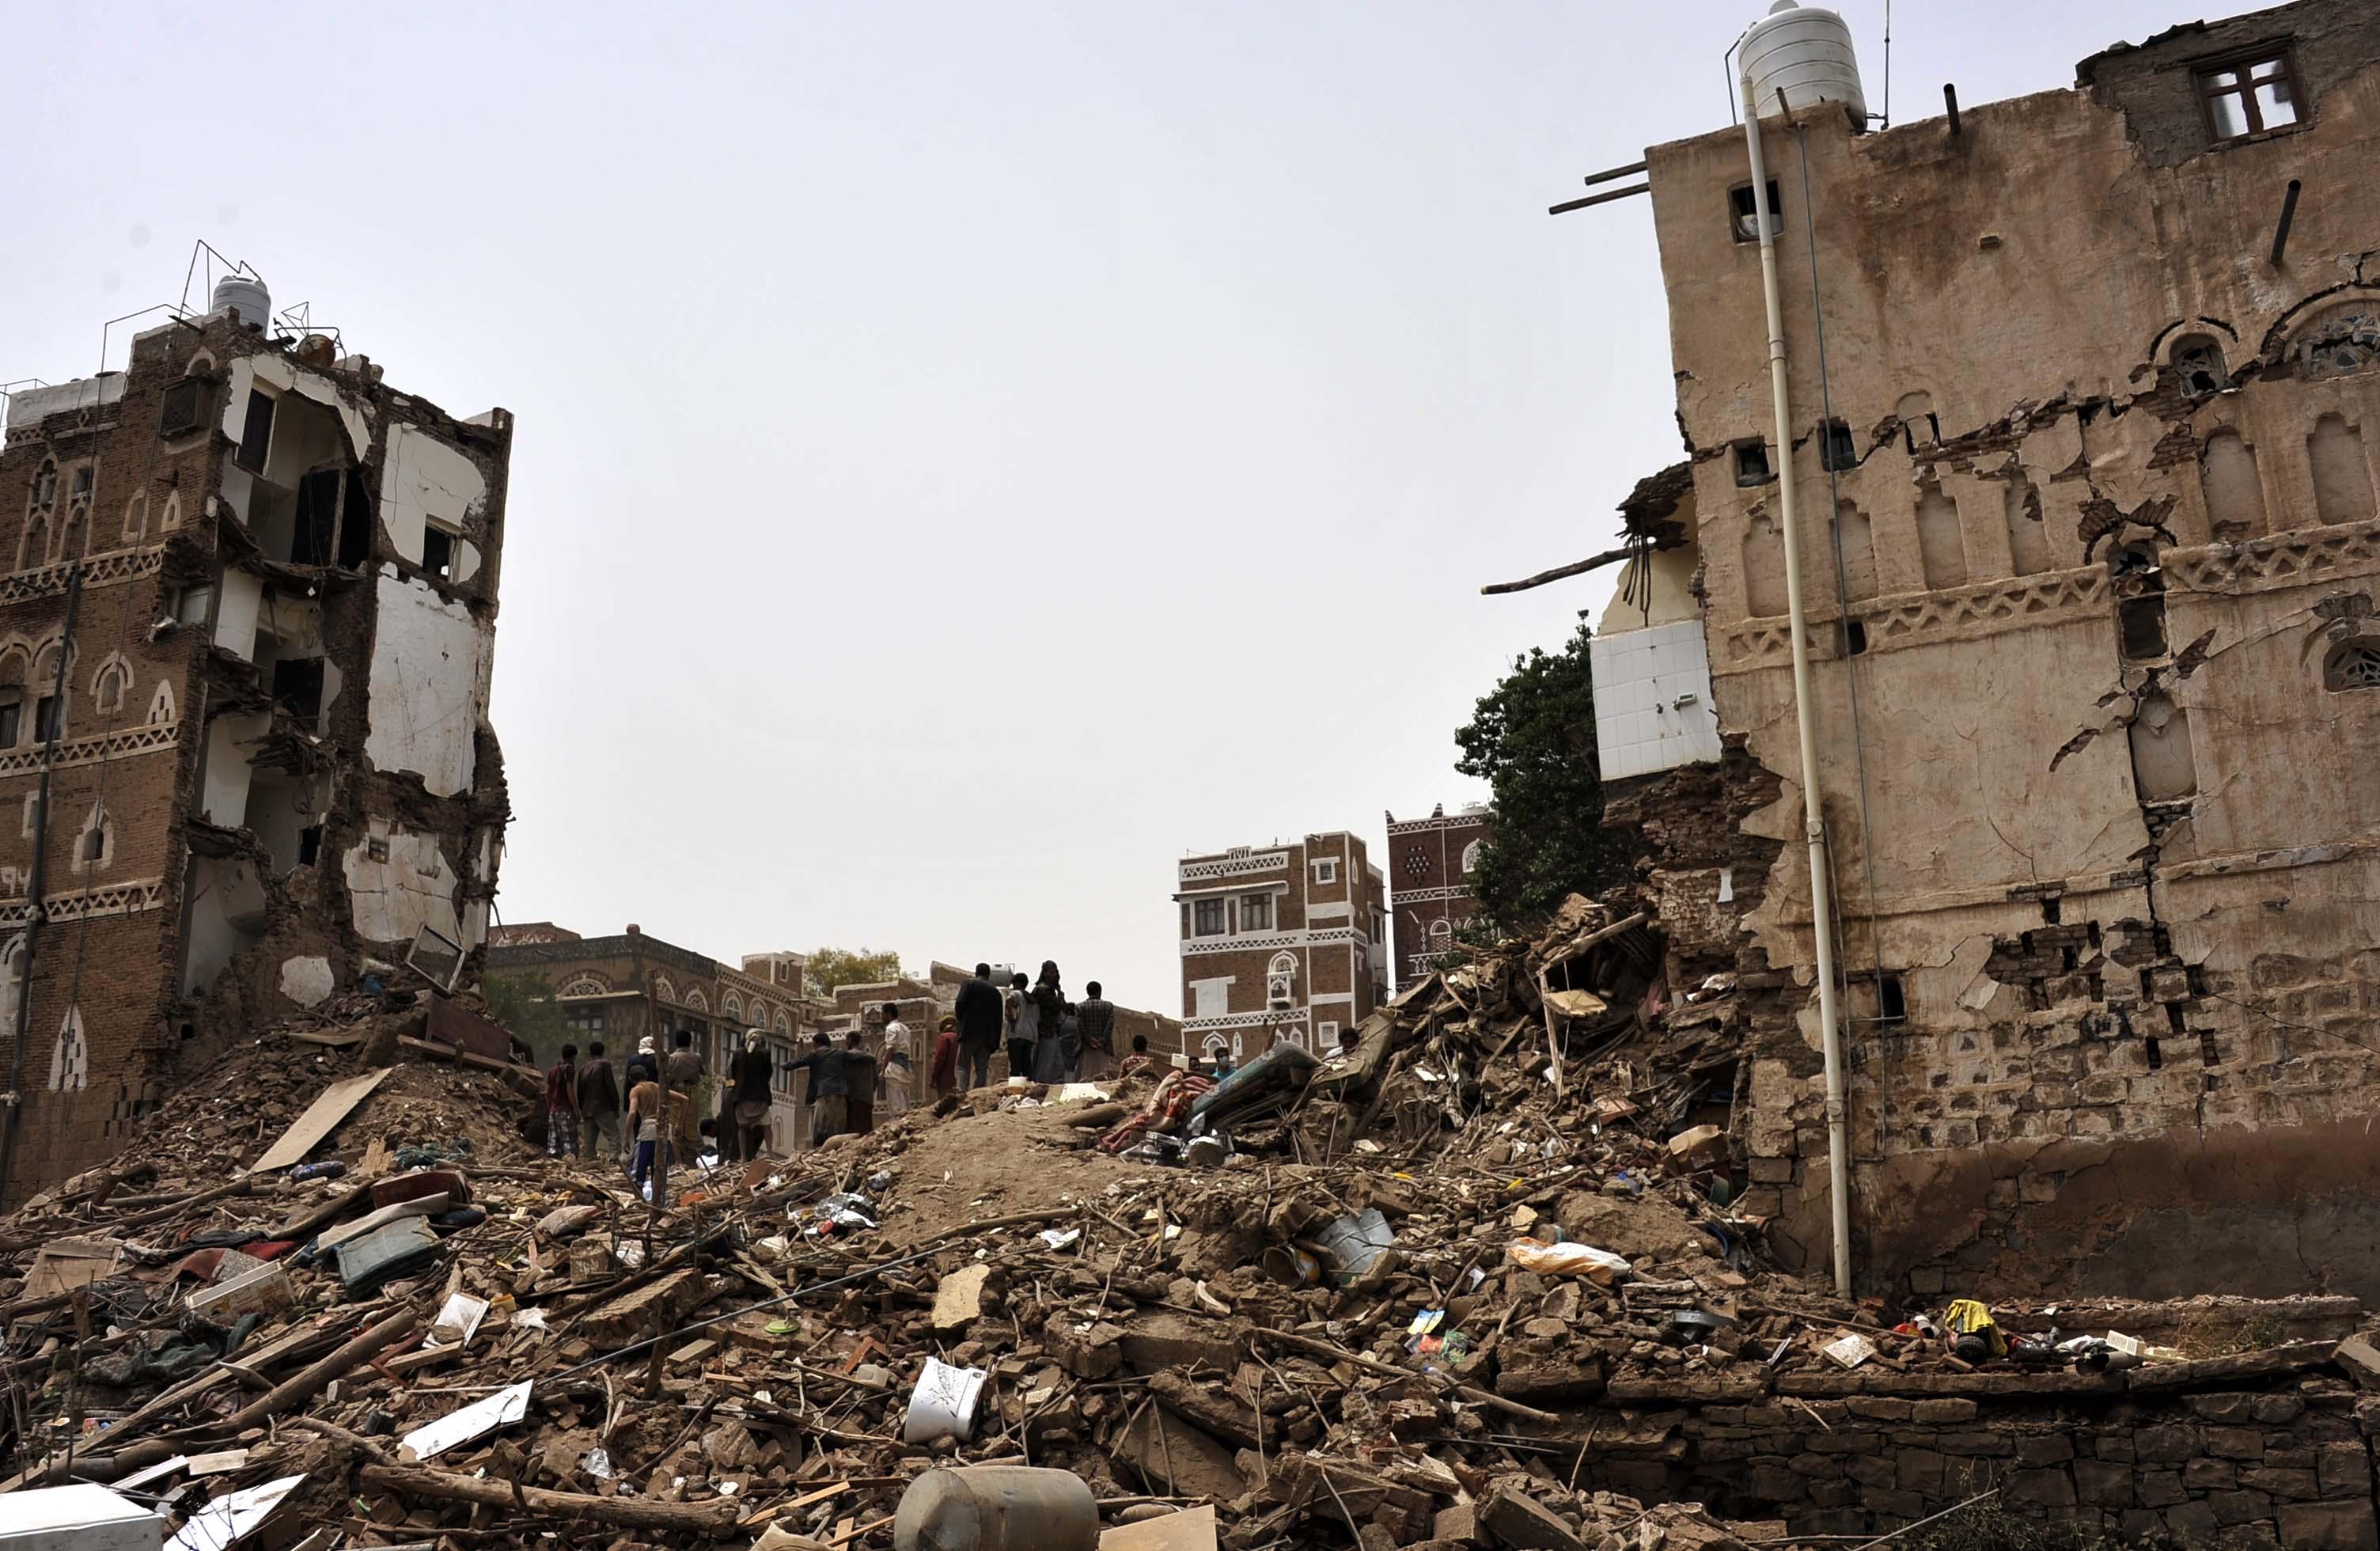 视角 2 也门古迹遭沙特等国战机空袭图片